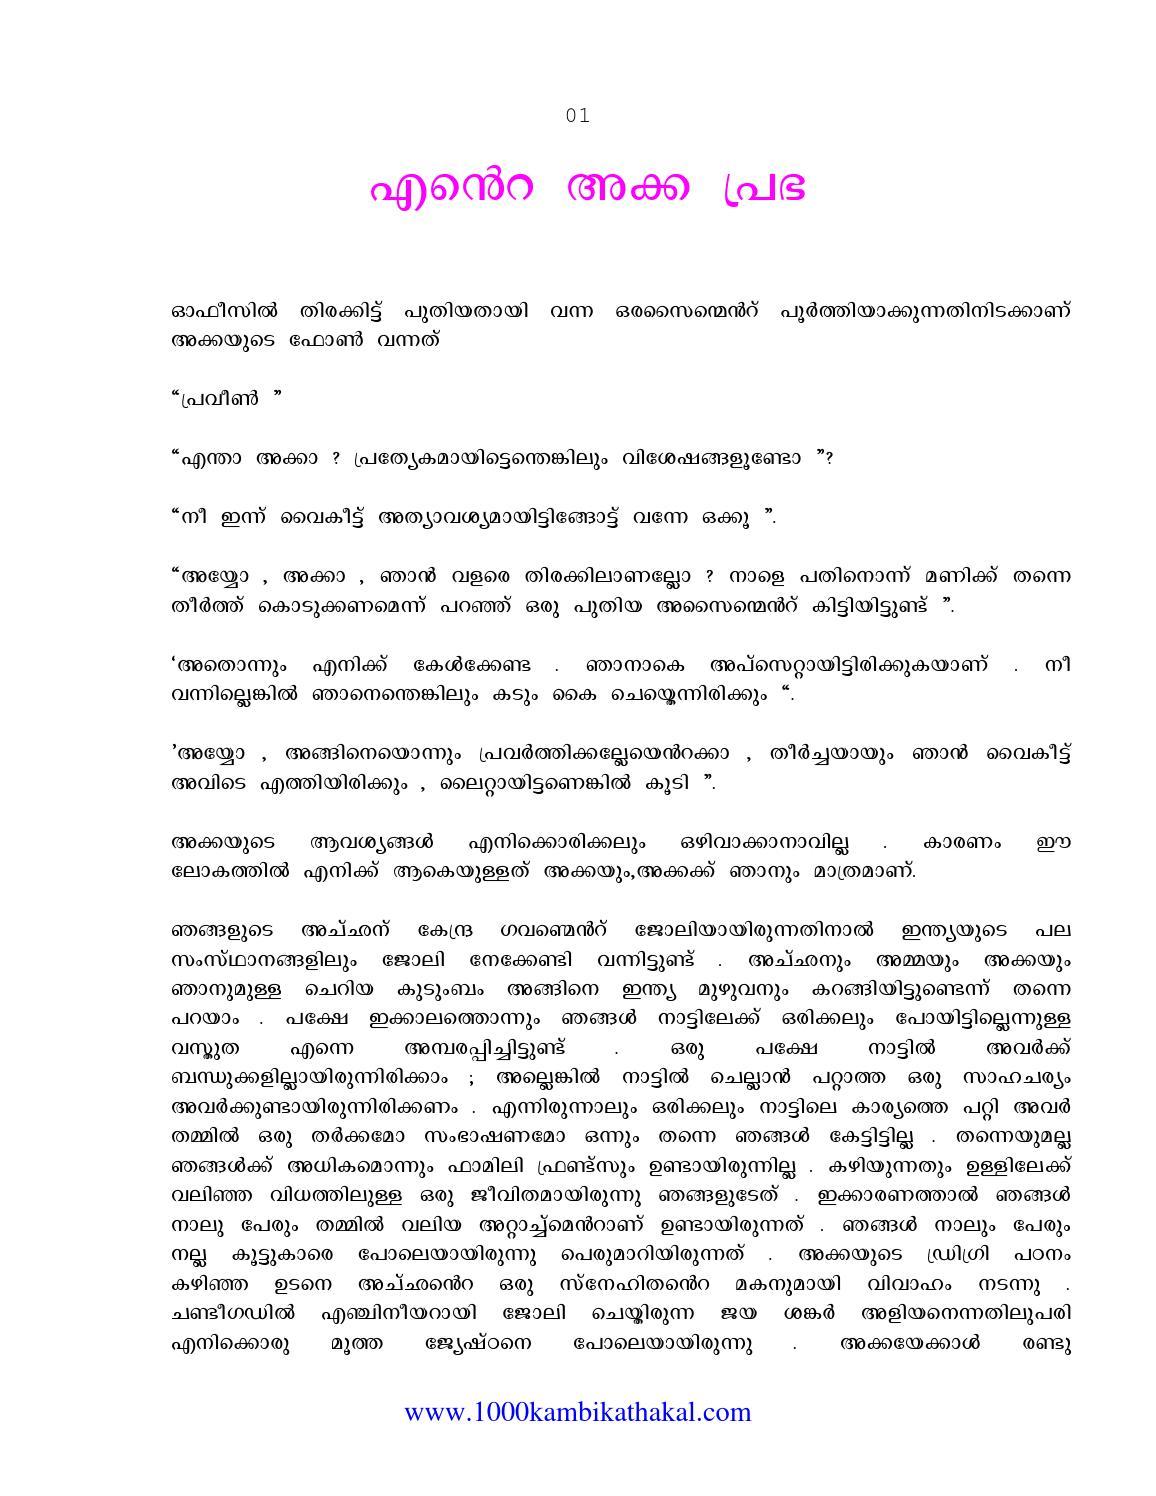 Kathakal kambi pdf chechi ente